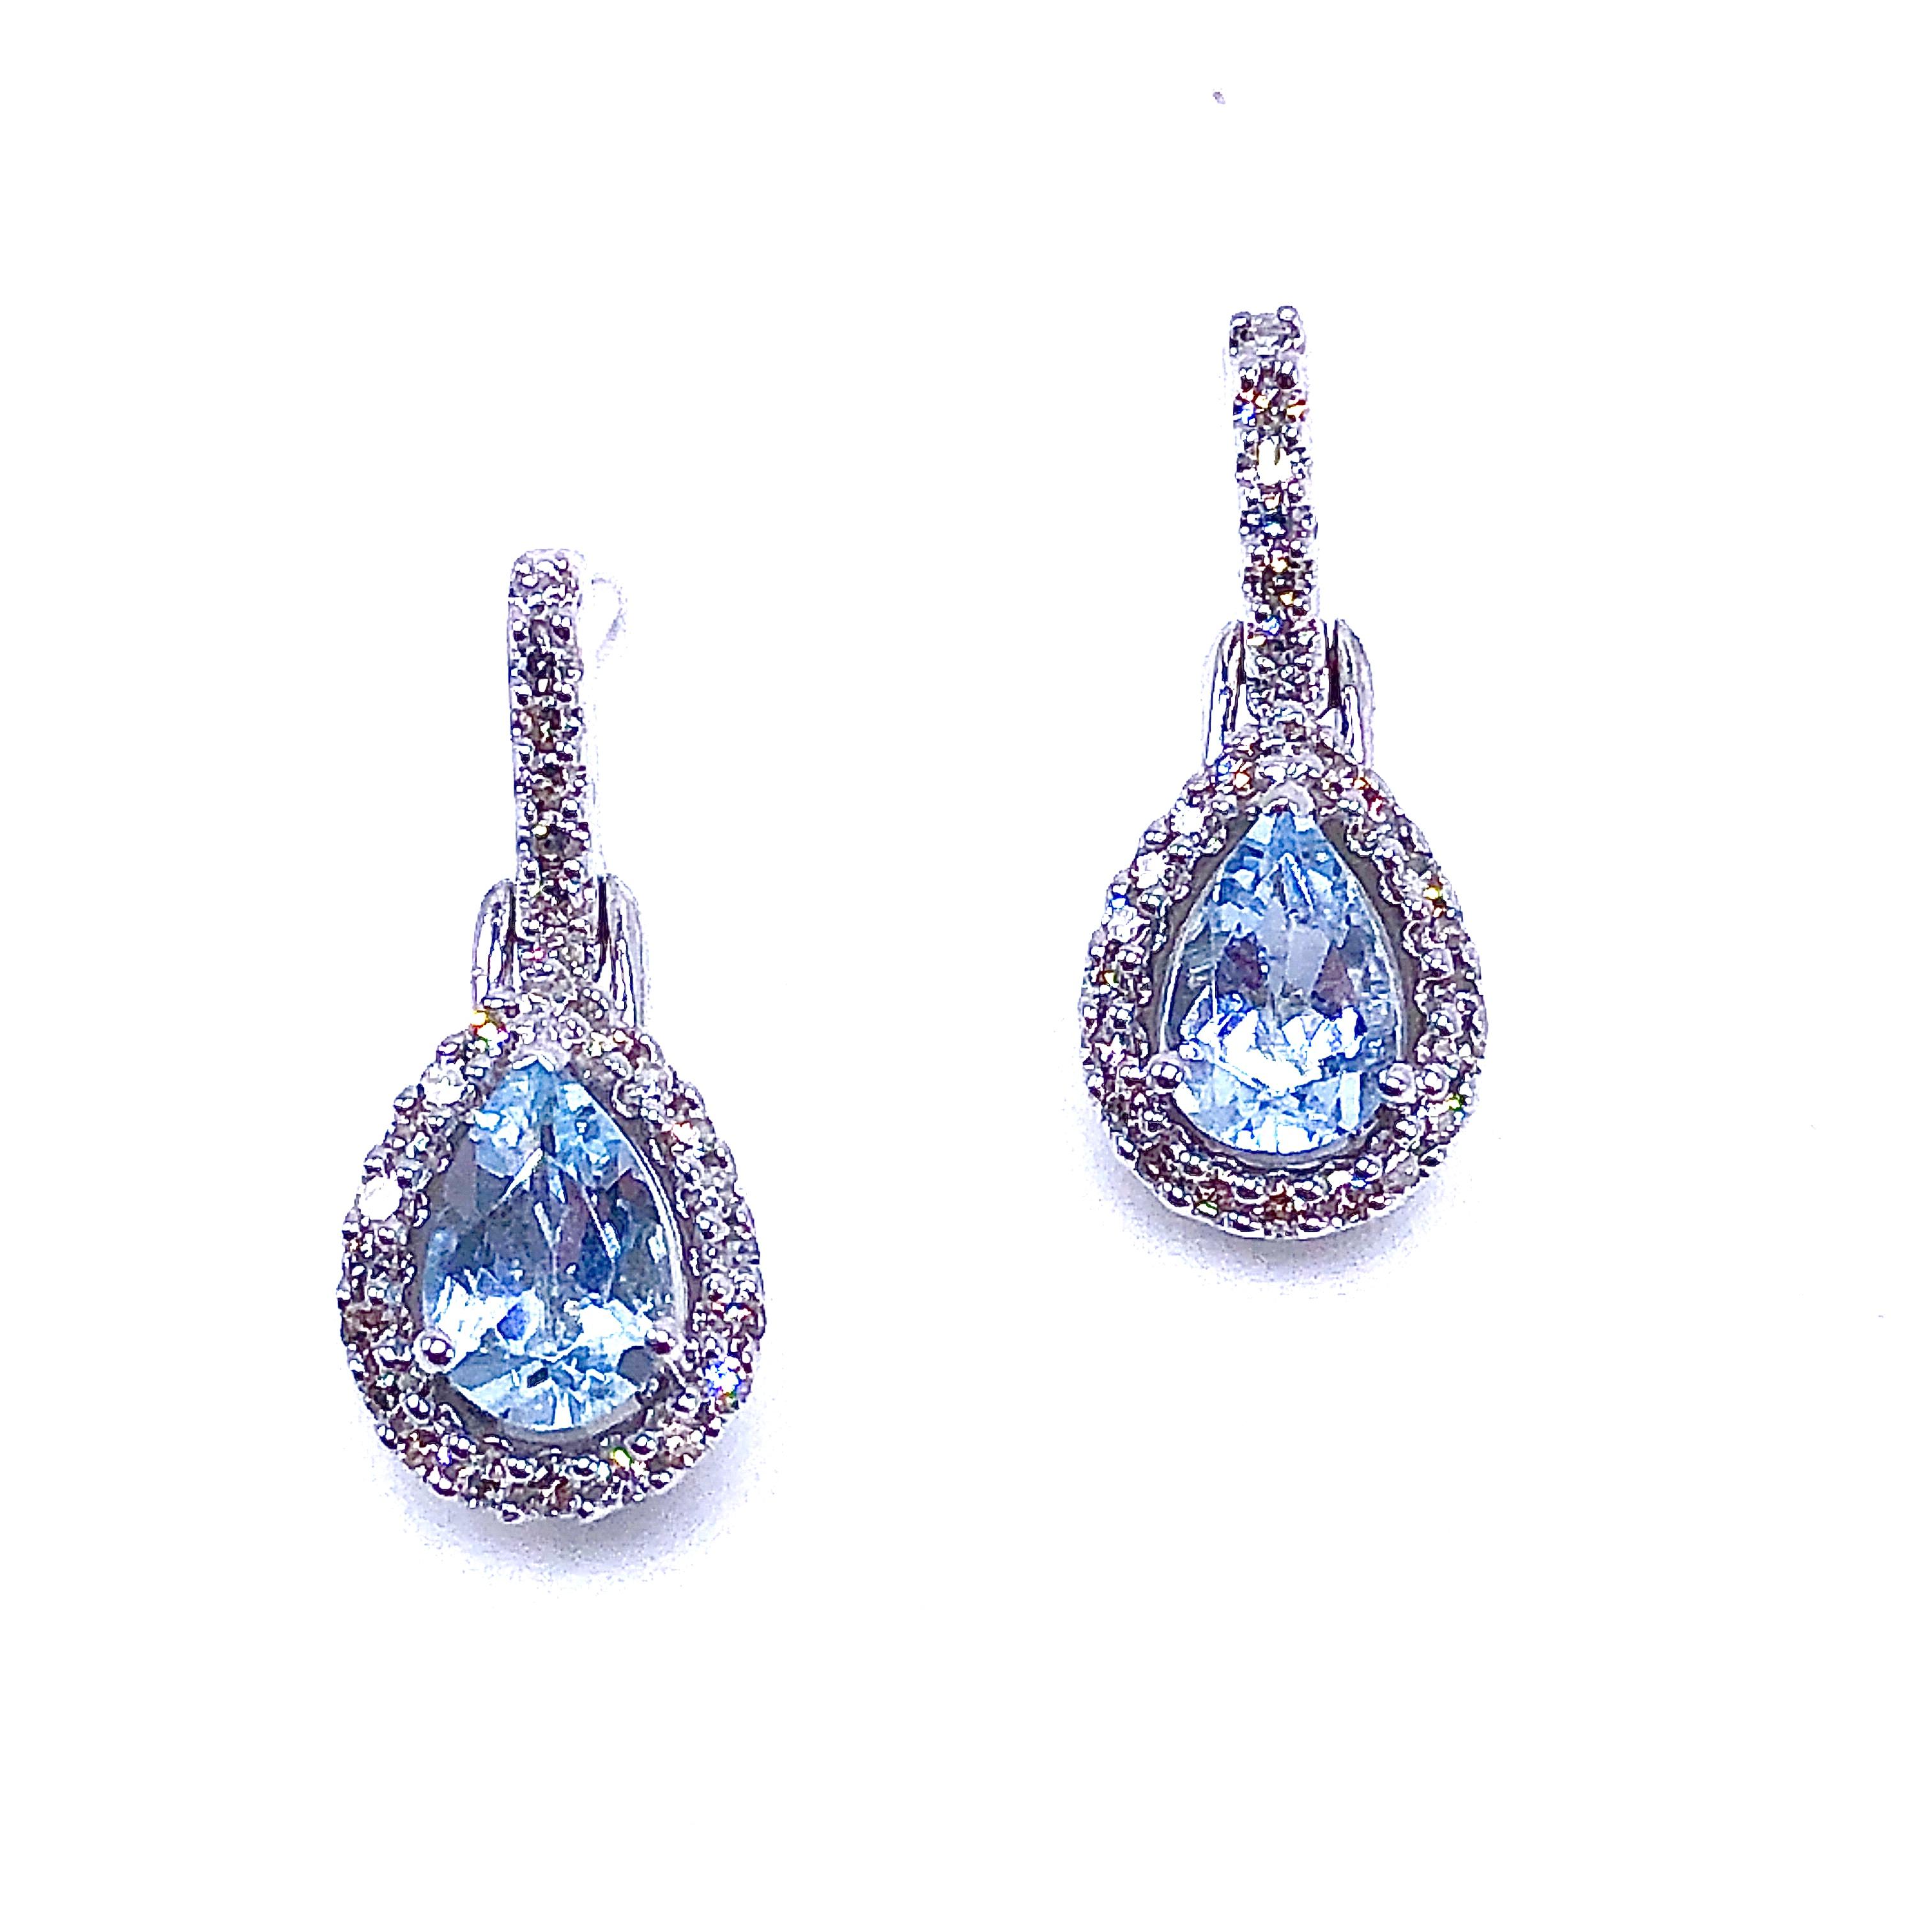 https://www.henrywilsonjewelers.com/upload/product/5efb8b06ad6d6a2045ac3d4e_210-01152.jpg